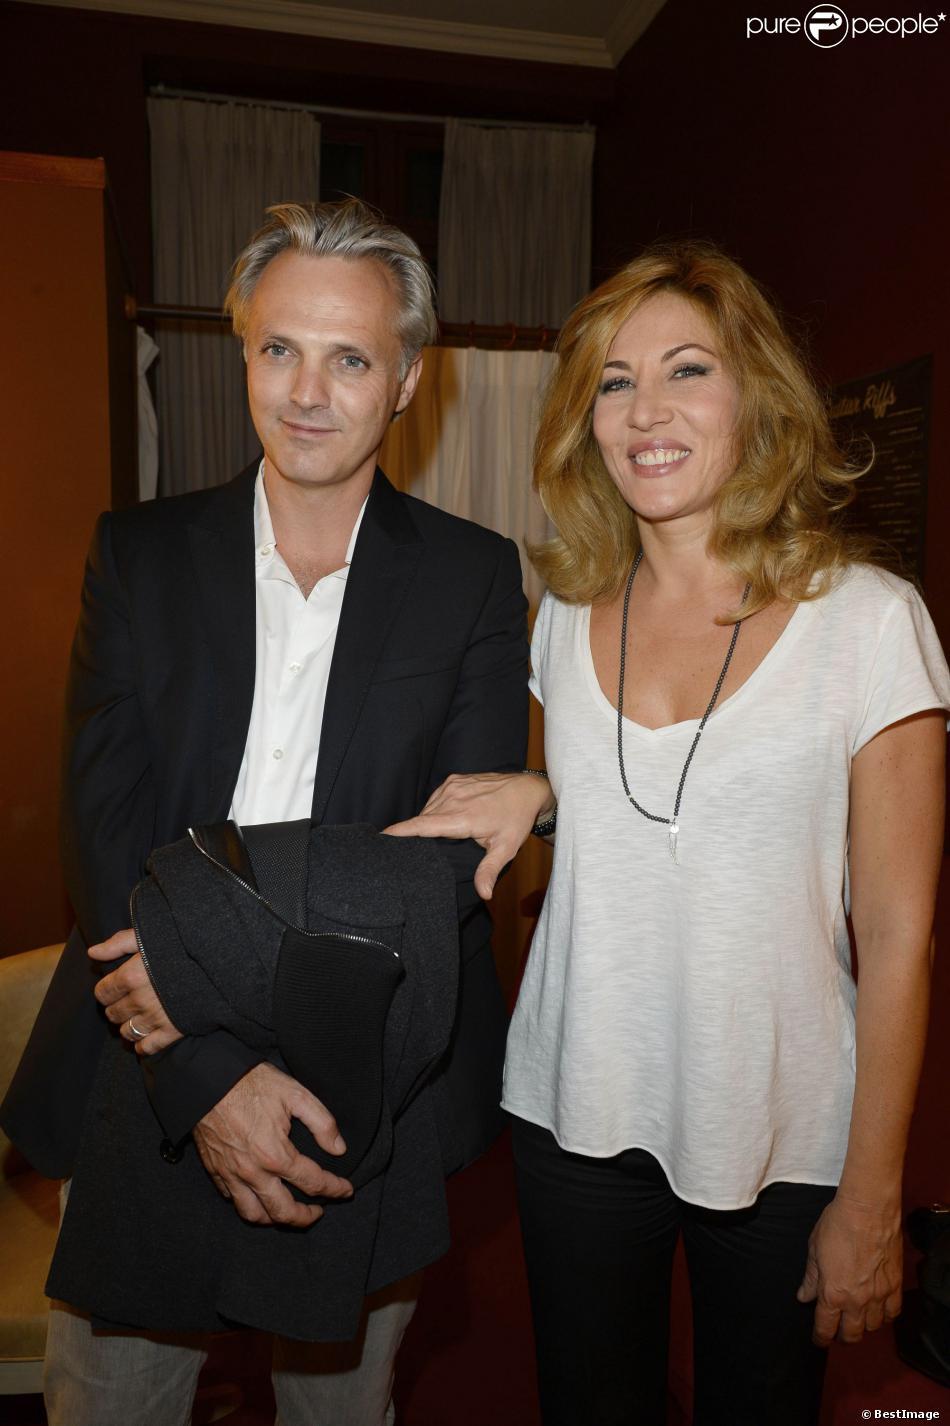 """Mathilde Seigner et son compagnon Mathieu Petitlors de la générale de la pièce """"Nina"""" à Paris le 16 septembre 2013."""